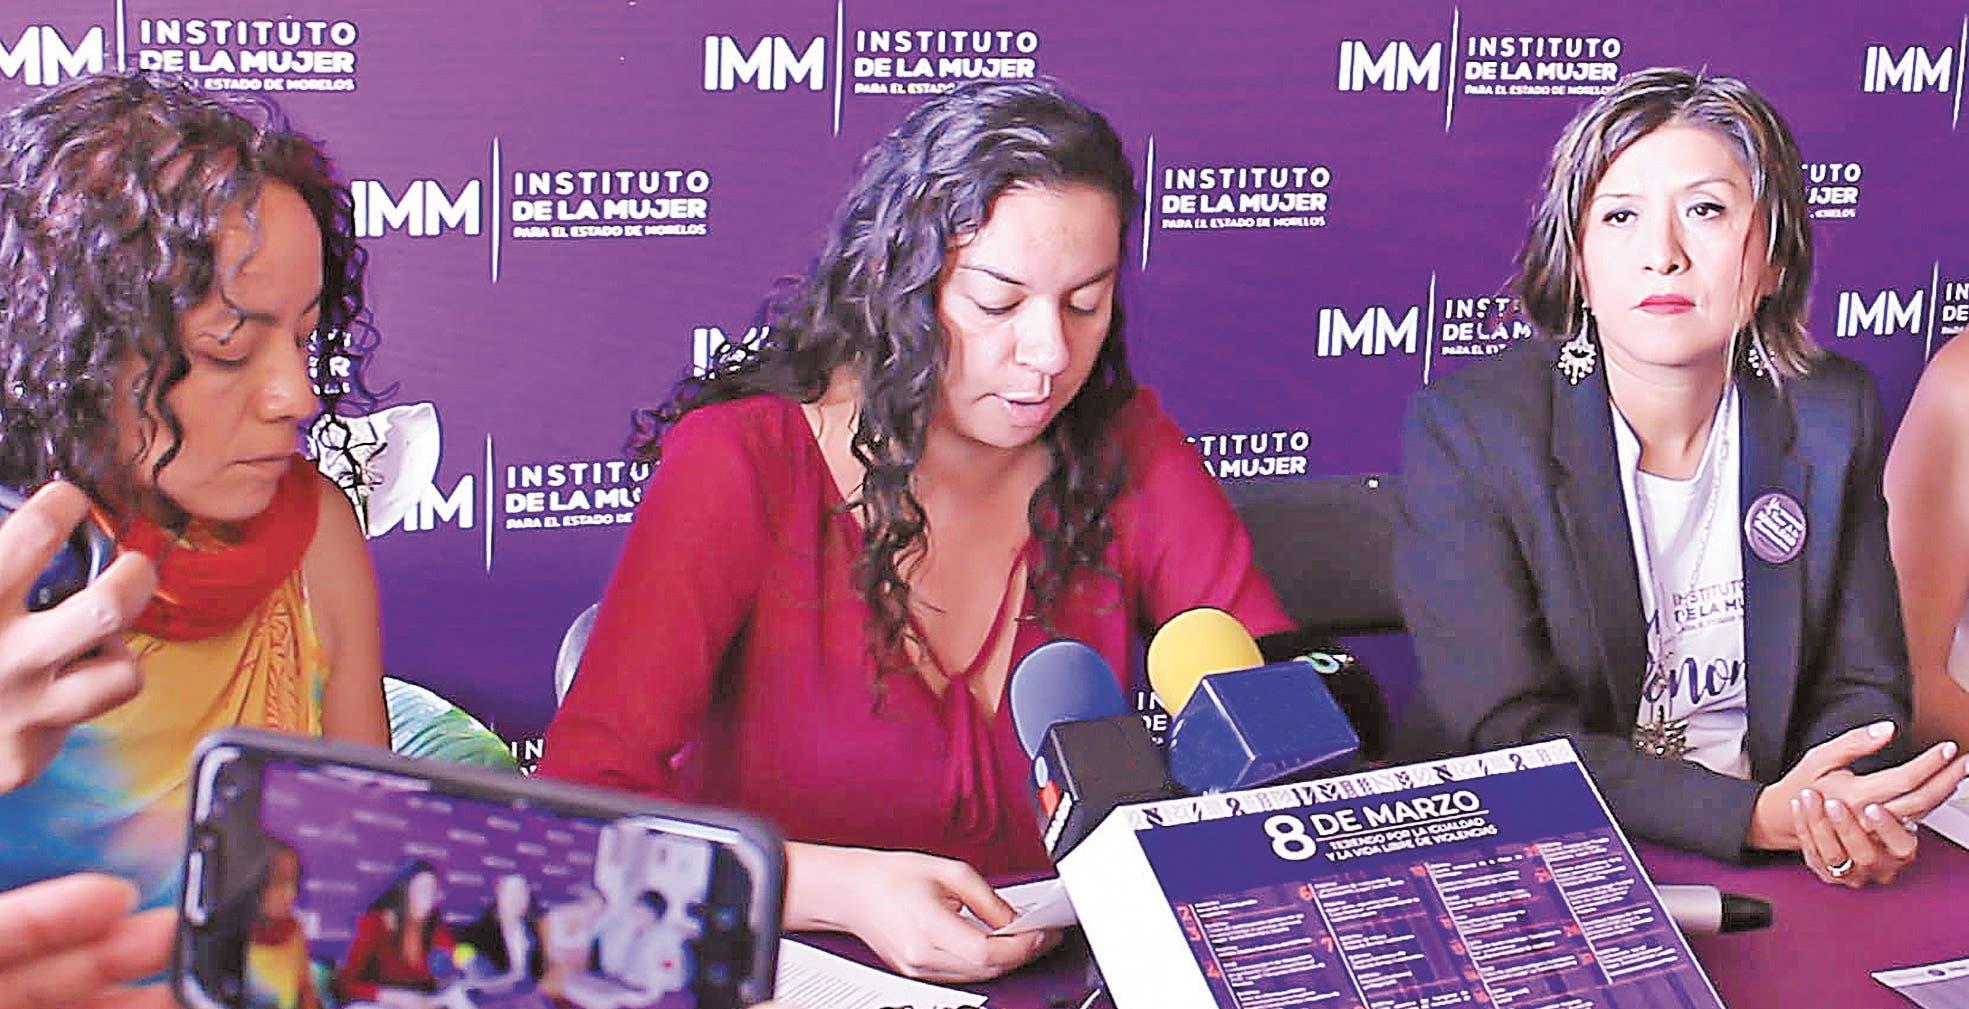 ANUNCIAN MANIFESTACIONES, TALLERES, CONFERENCIAS EN TORNO AL DÍA DE LA MUJER